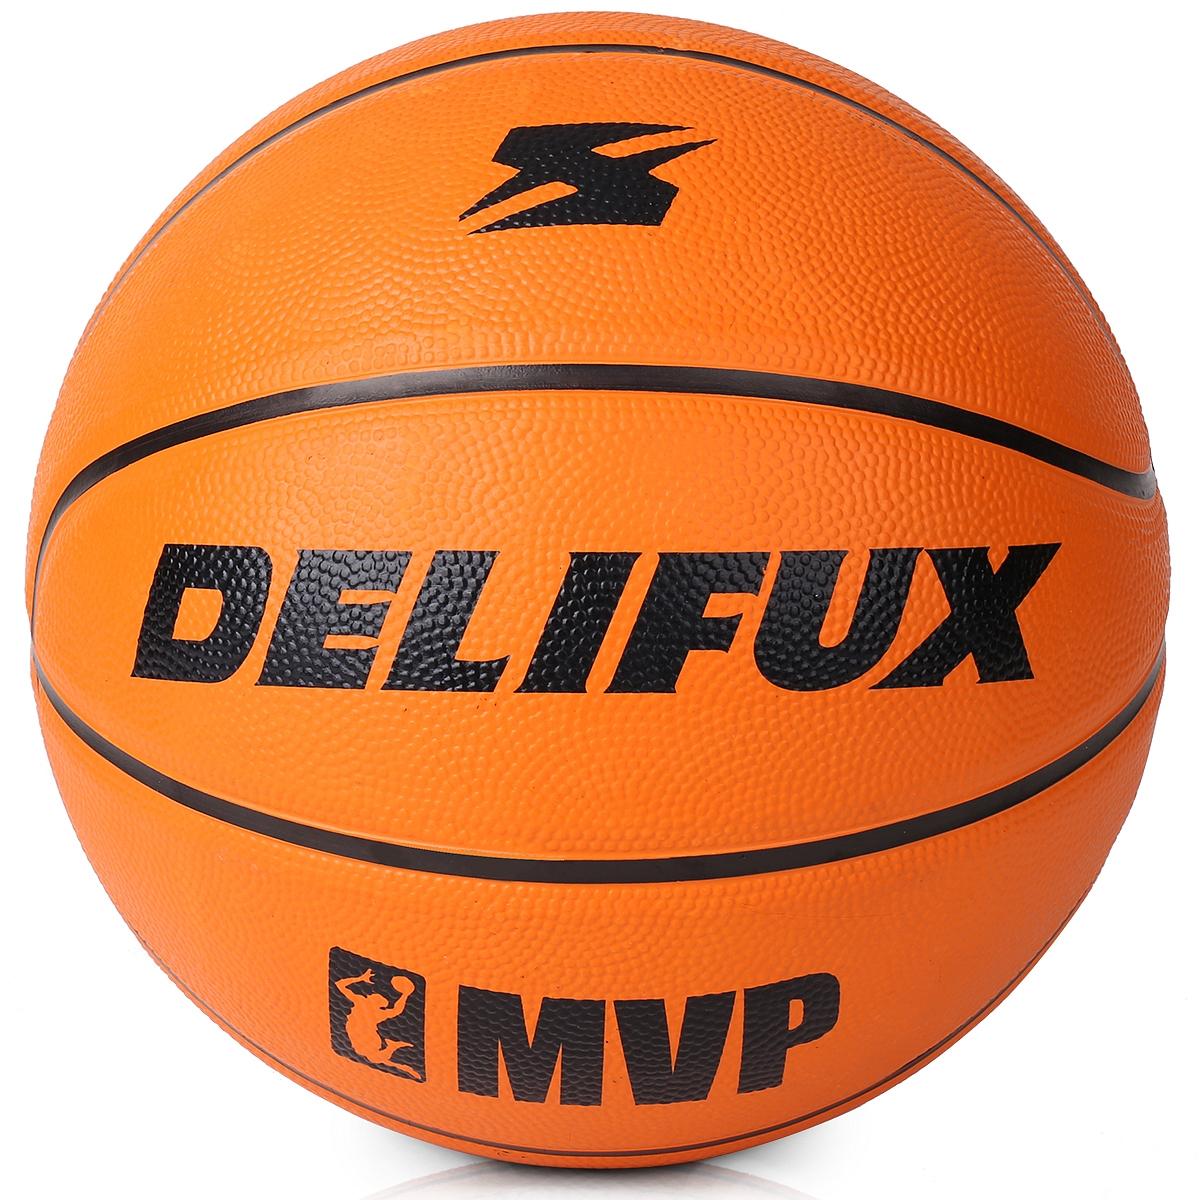 得力风行F1104加厚橡胶7号篮球 球类(橙色)(个)